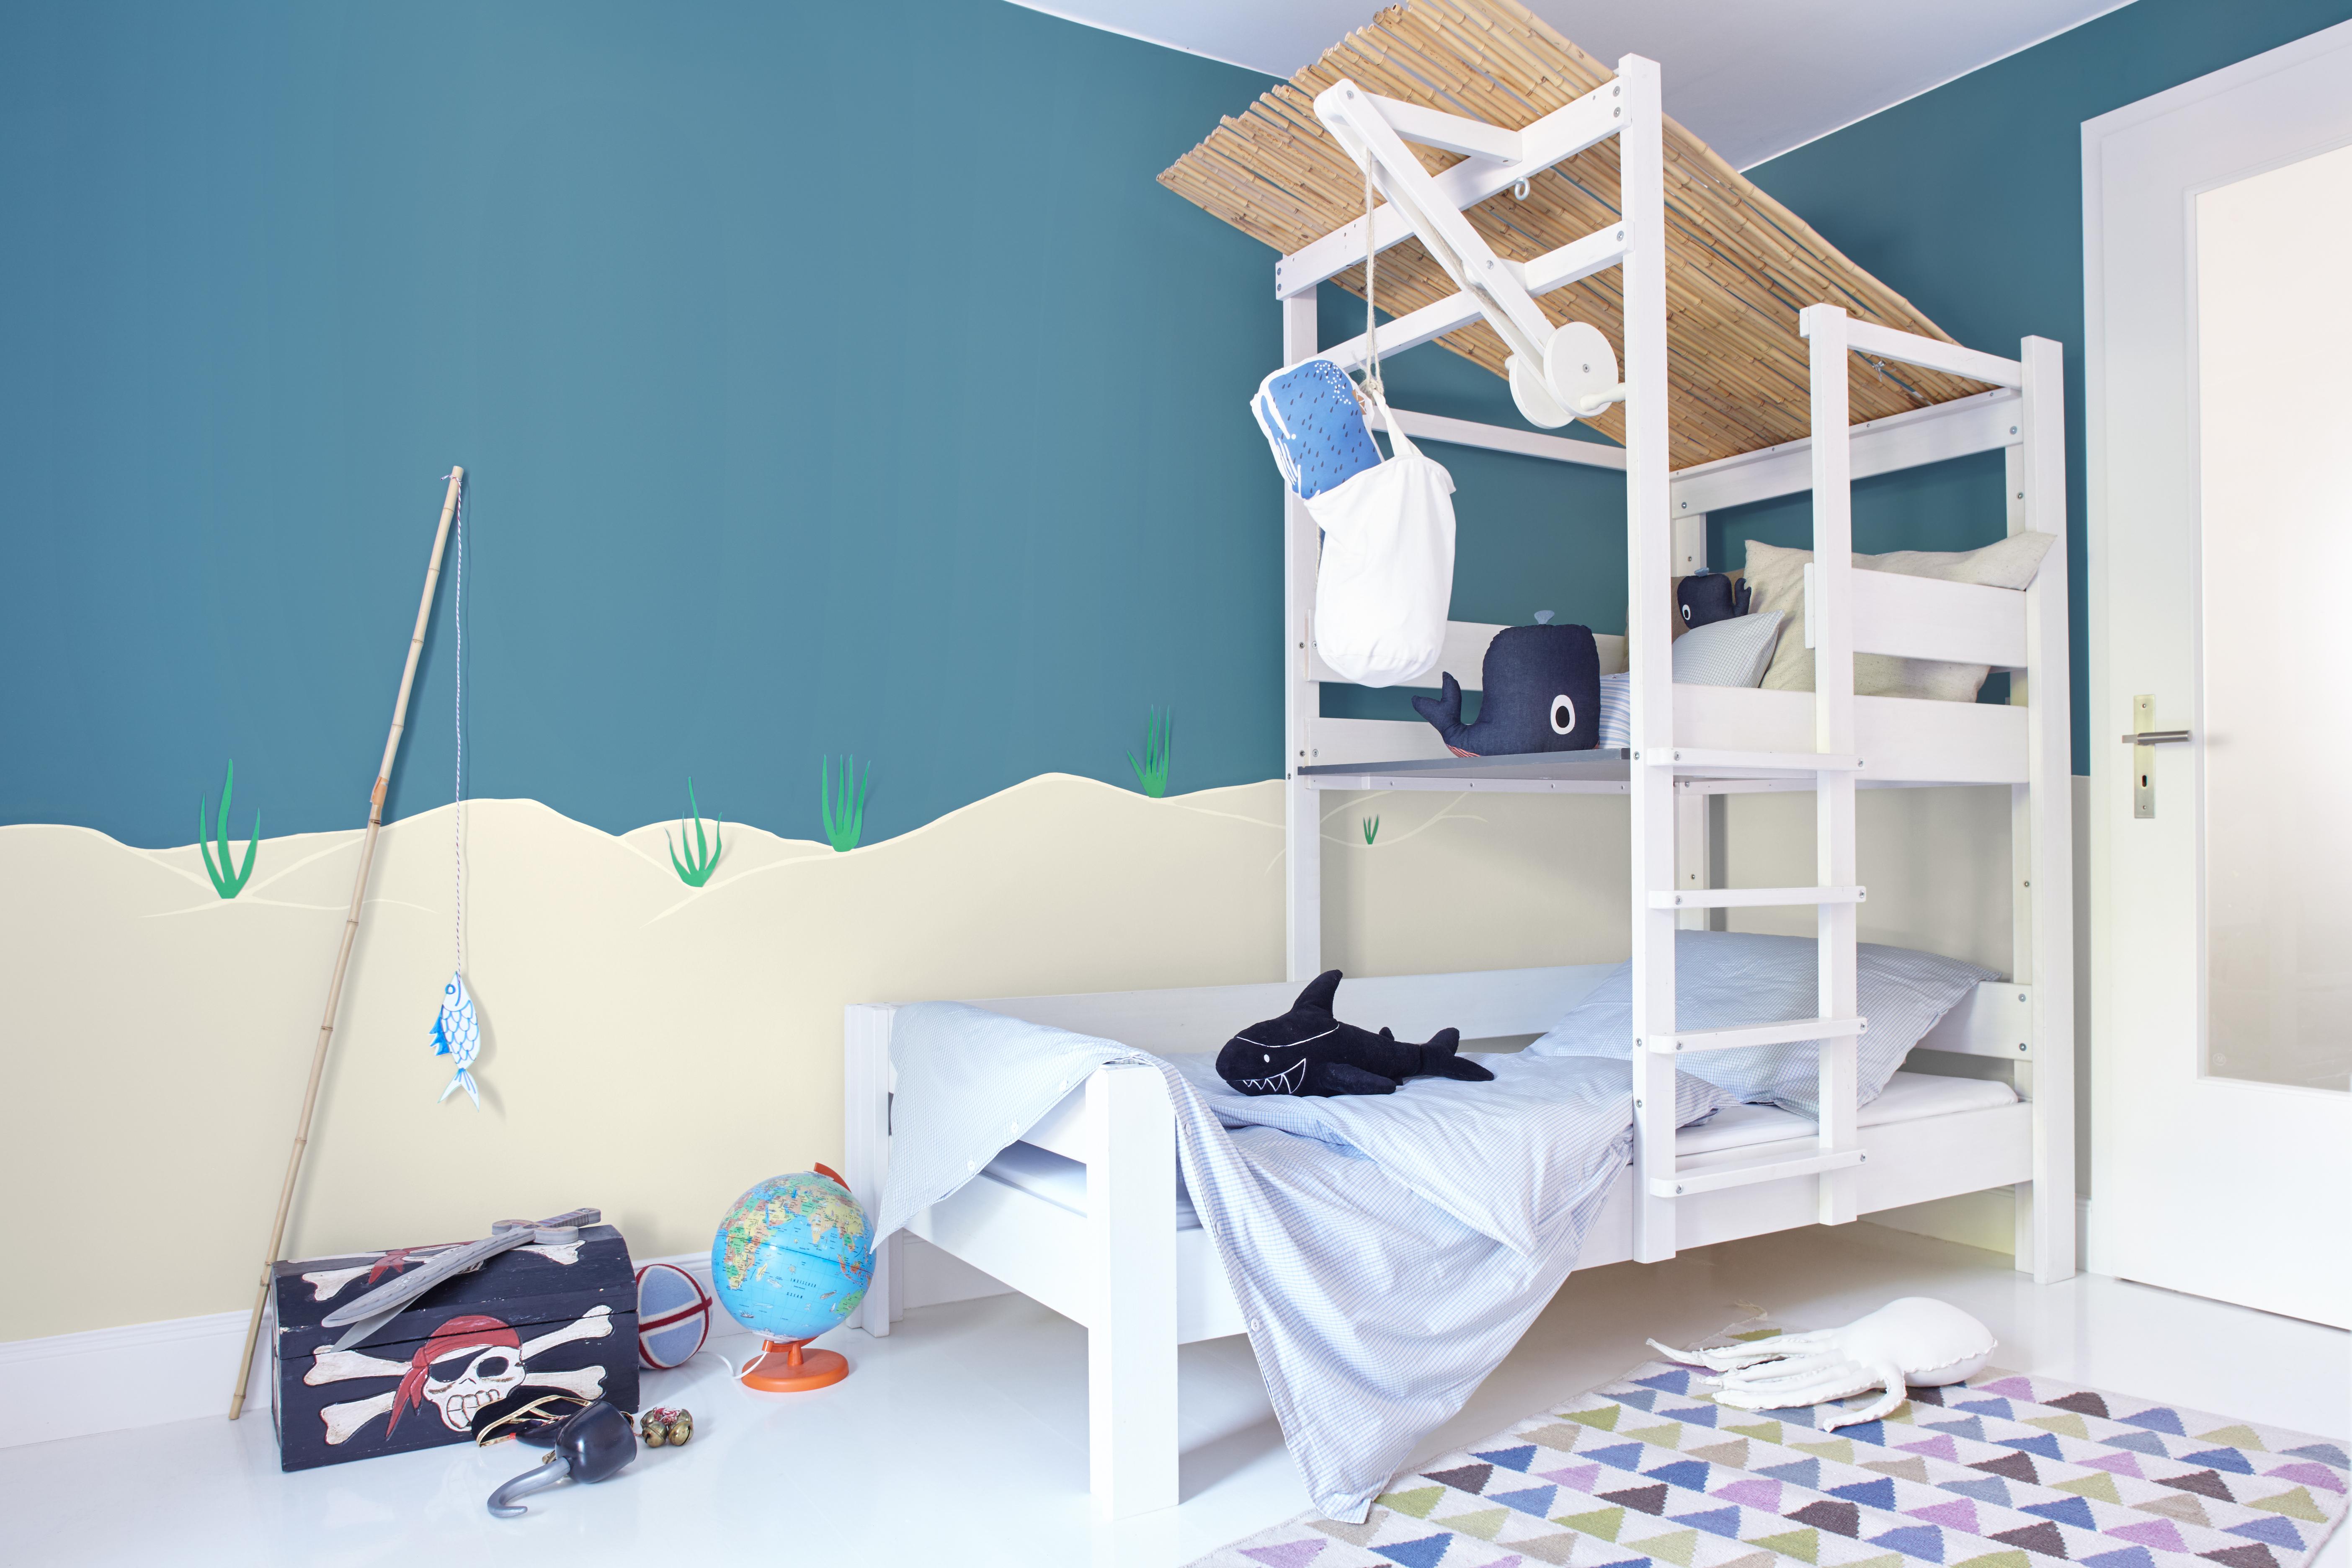 Uberlegen Genial Plötzlich Pirat U2013 Kleine Accessoires Im Kinderzimmer Mit Großer  Wirkung